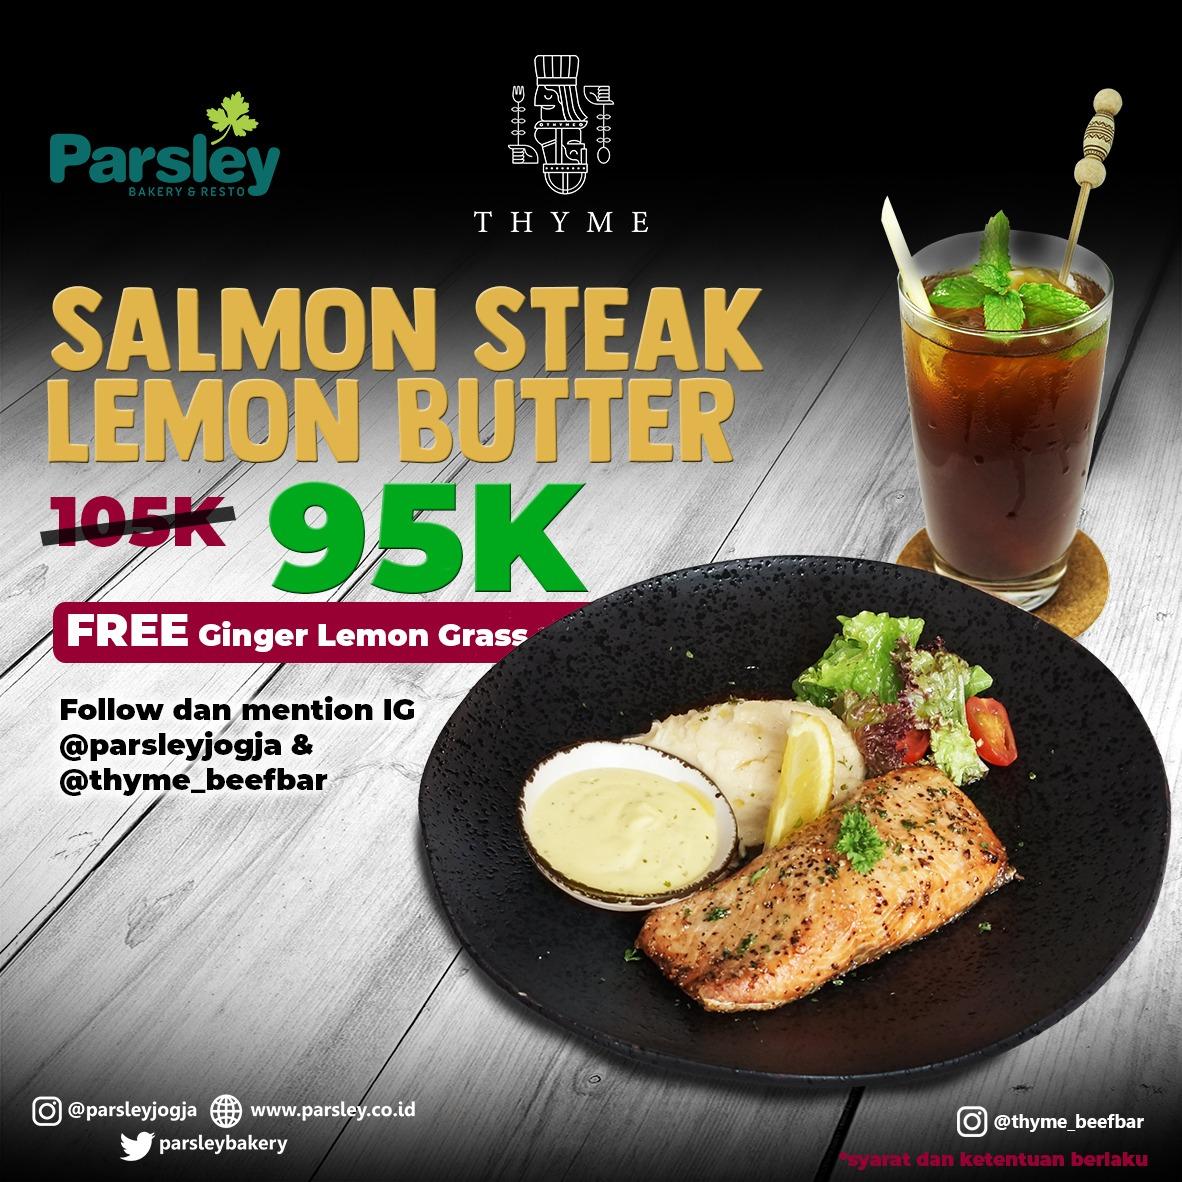 PROMO SALMON STEAK LEMON BUTTER 95K